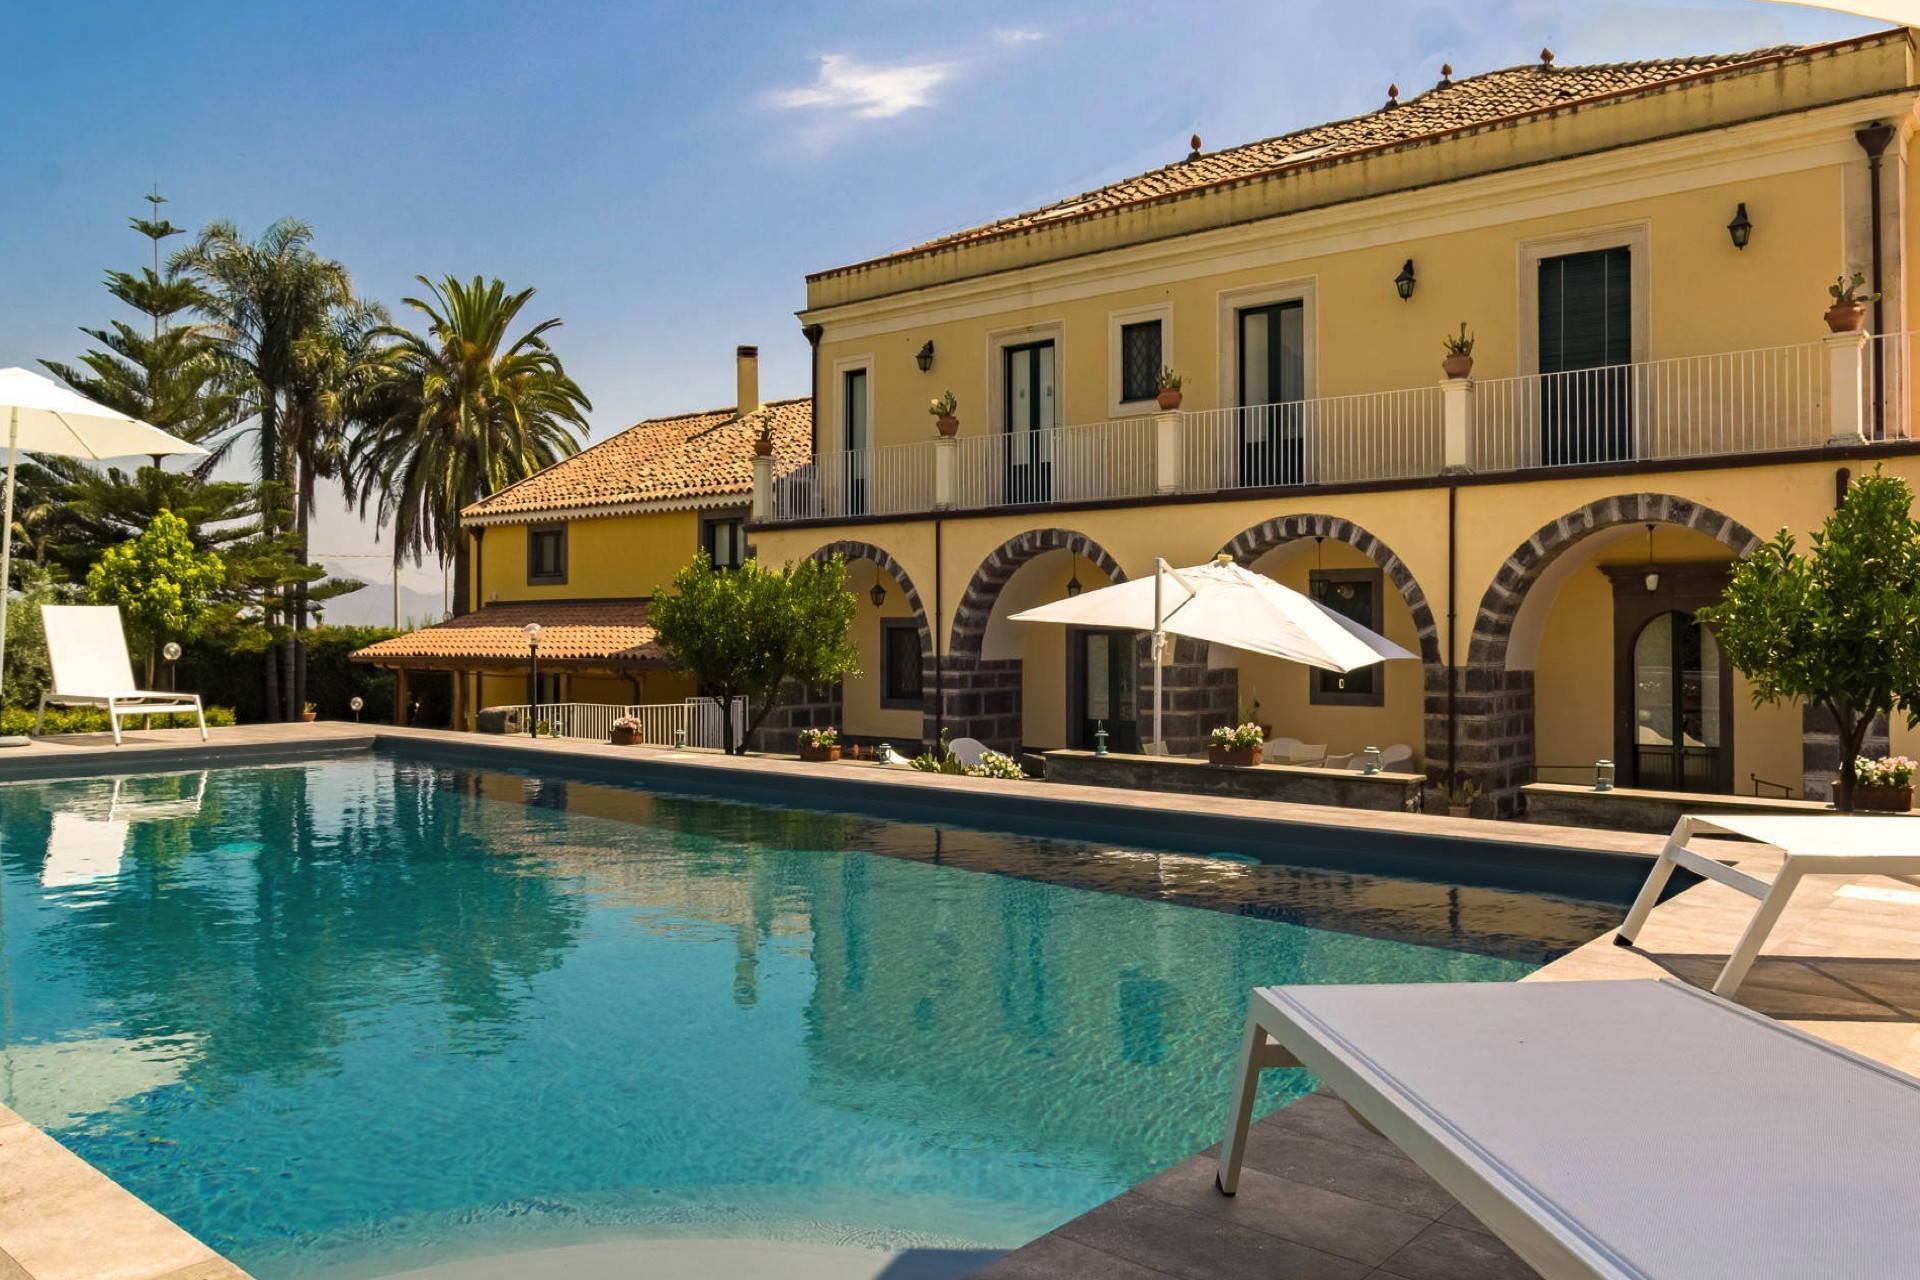 Вилла сицилия покупка недвижимости в аликанте